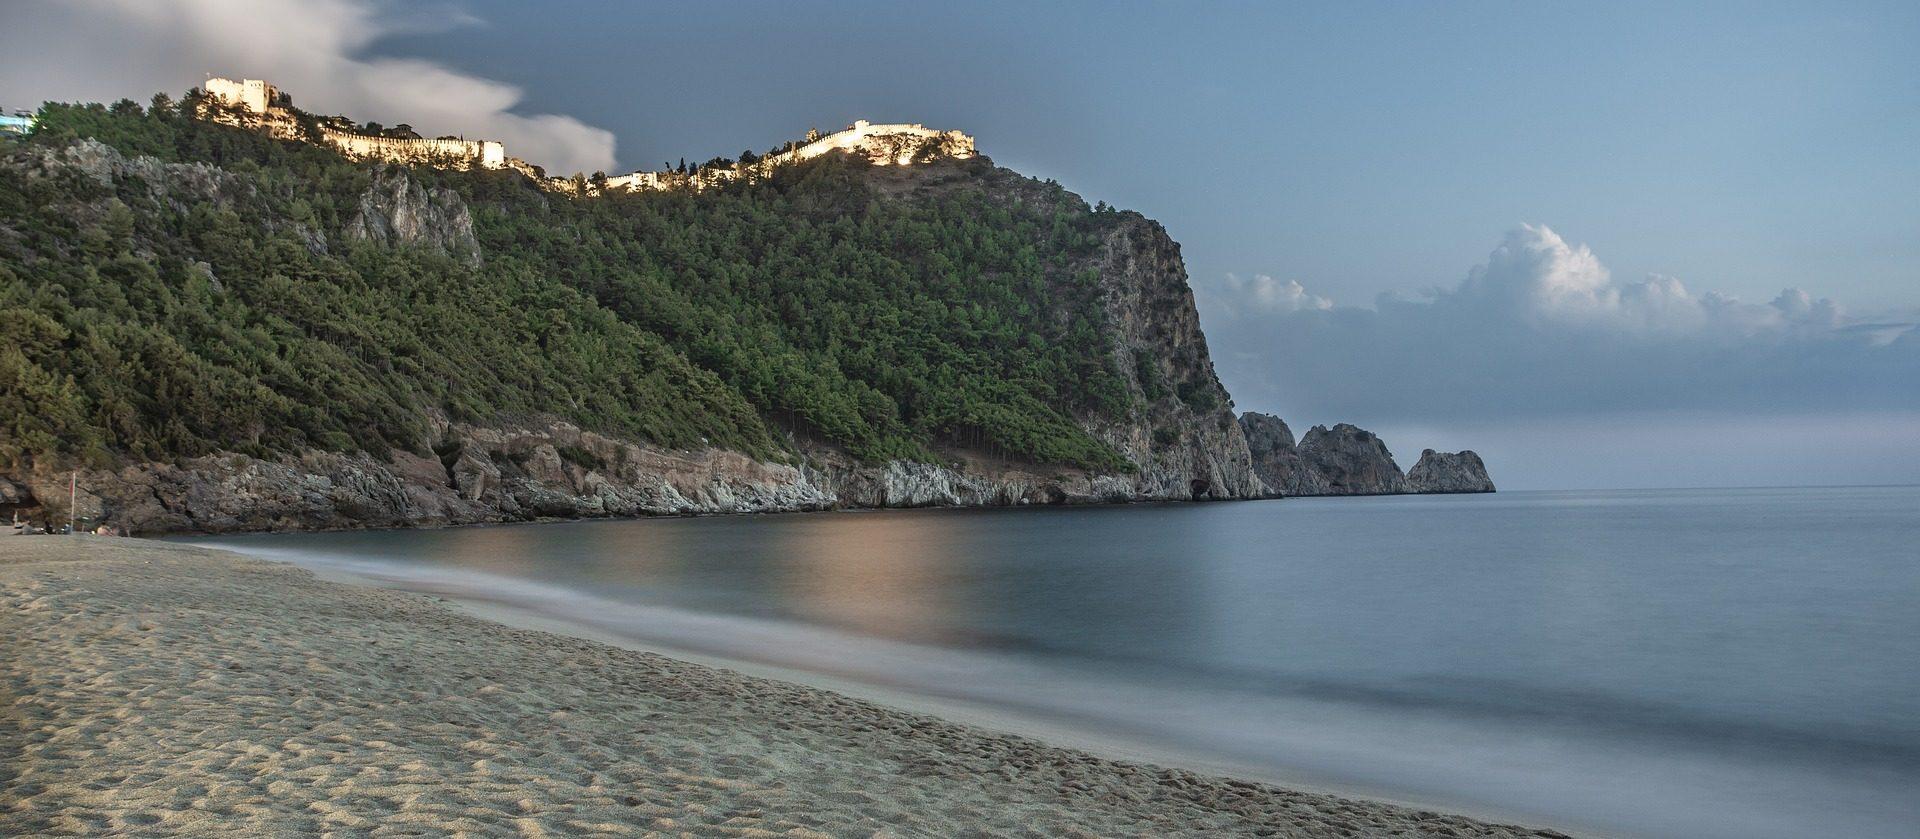 Türkei All Inclusive Urlaub ab 161,00€ - Side Alanya türkische Riviera 1